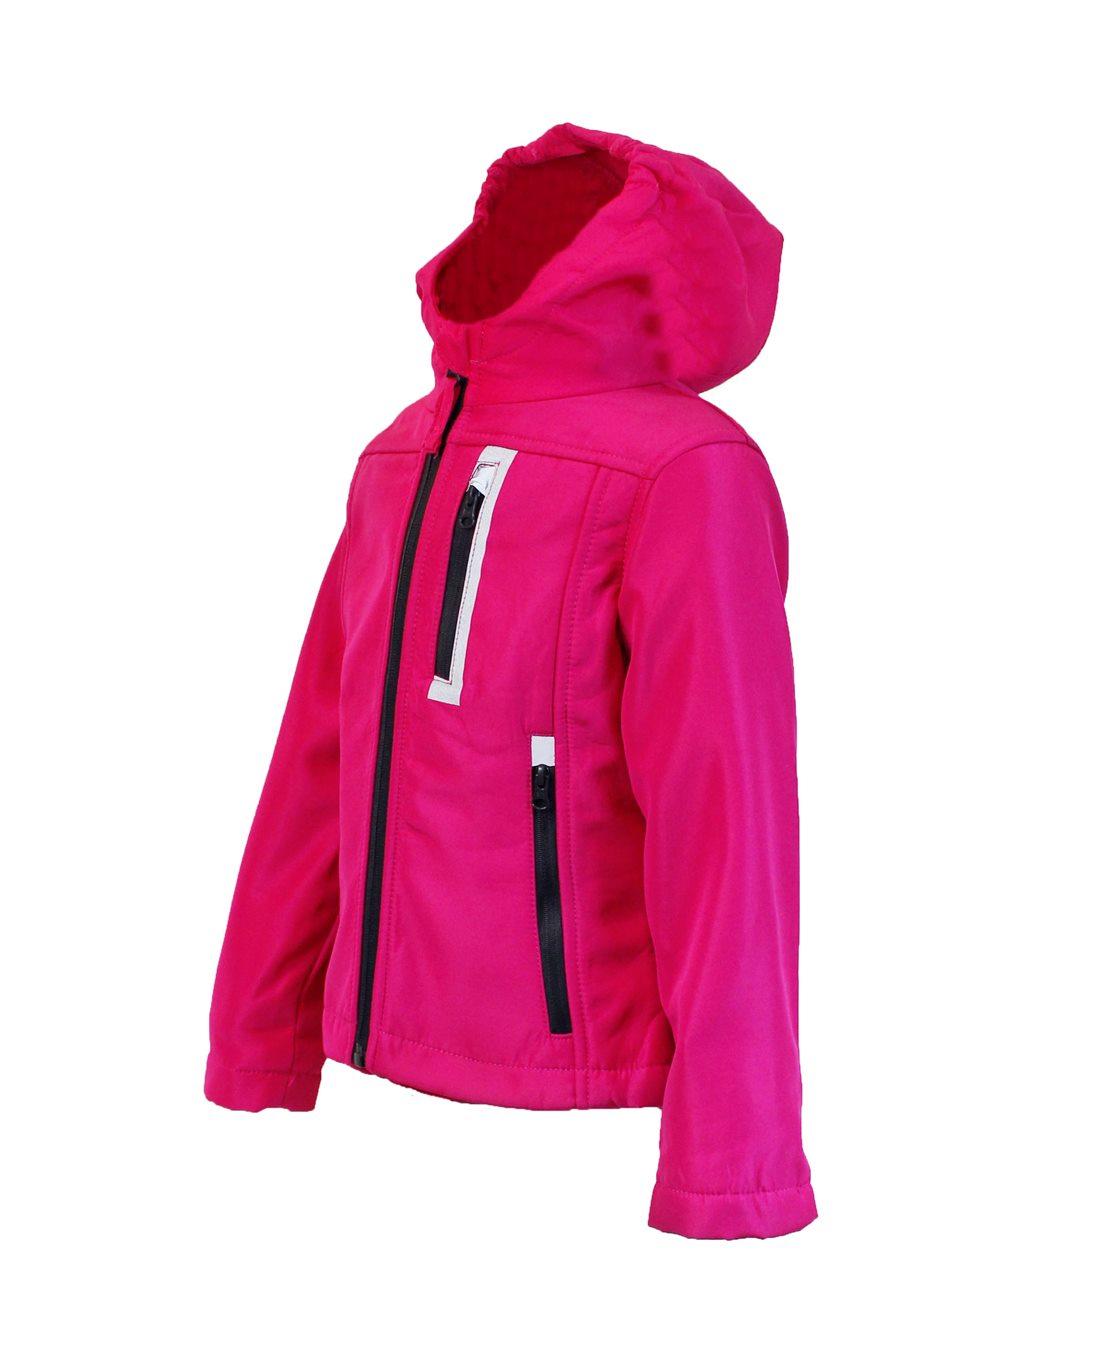 Niñera softschelljacke vellón de transición chaqueta chaqueta rosa